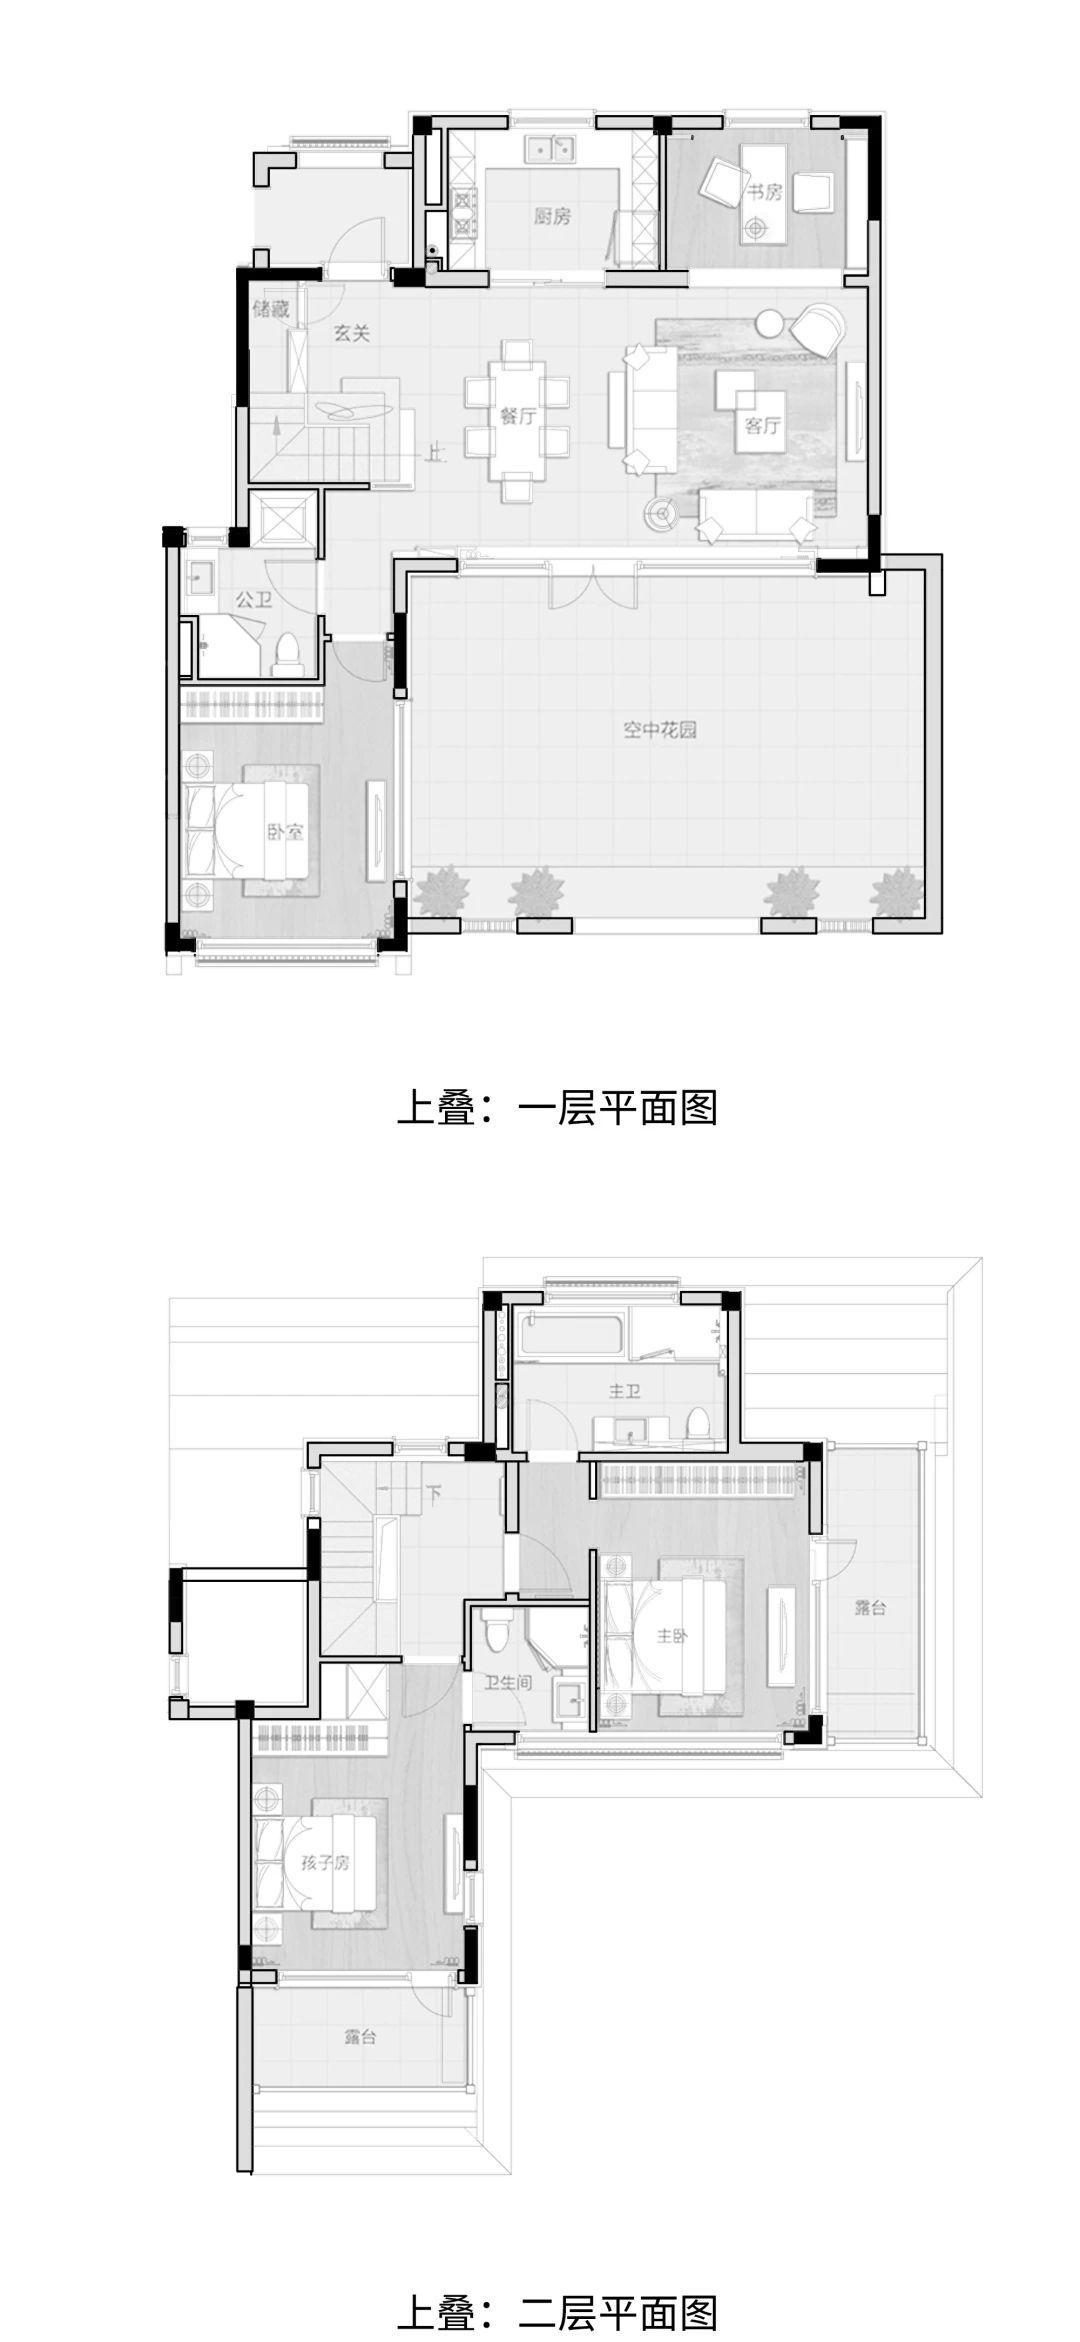 浙江嘉兴蓝城平湖春风江南建筑设计/大象设计